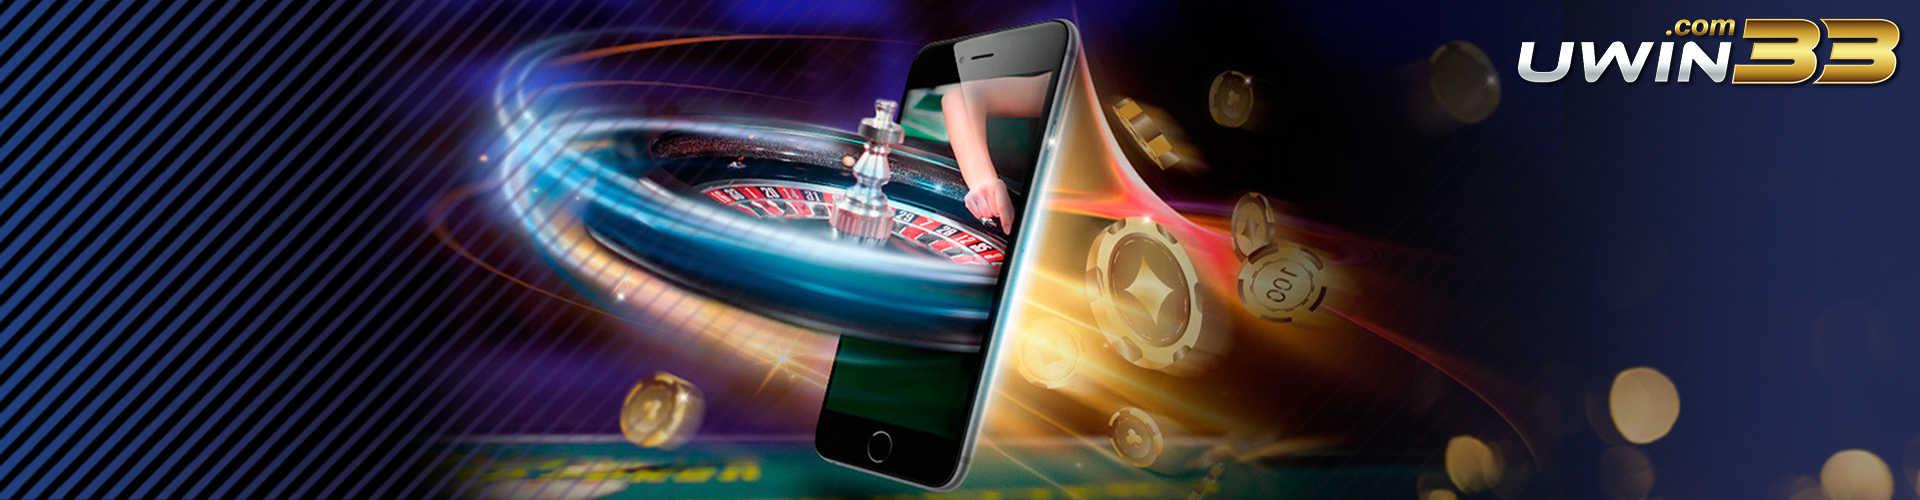 Uwin33 Secured Online Casino